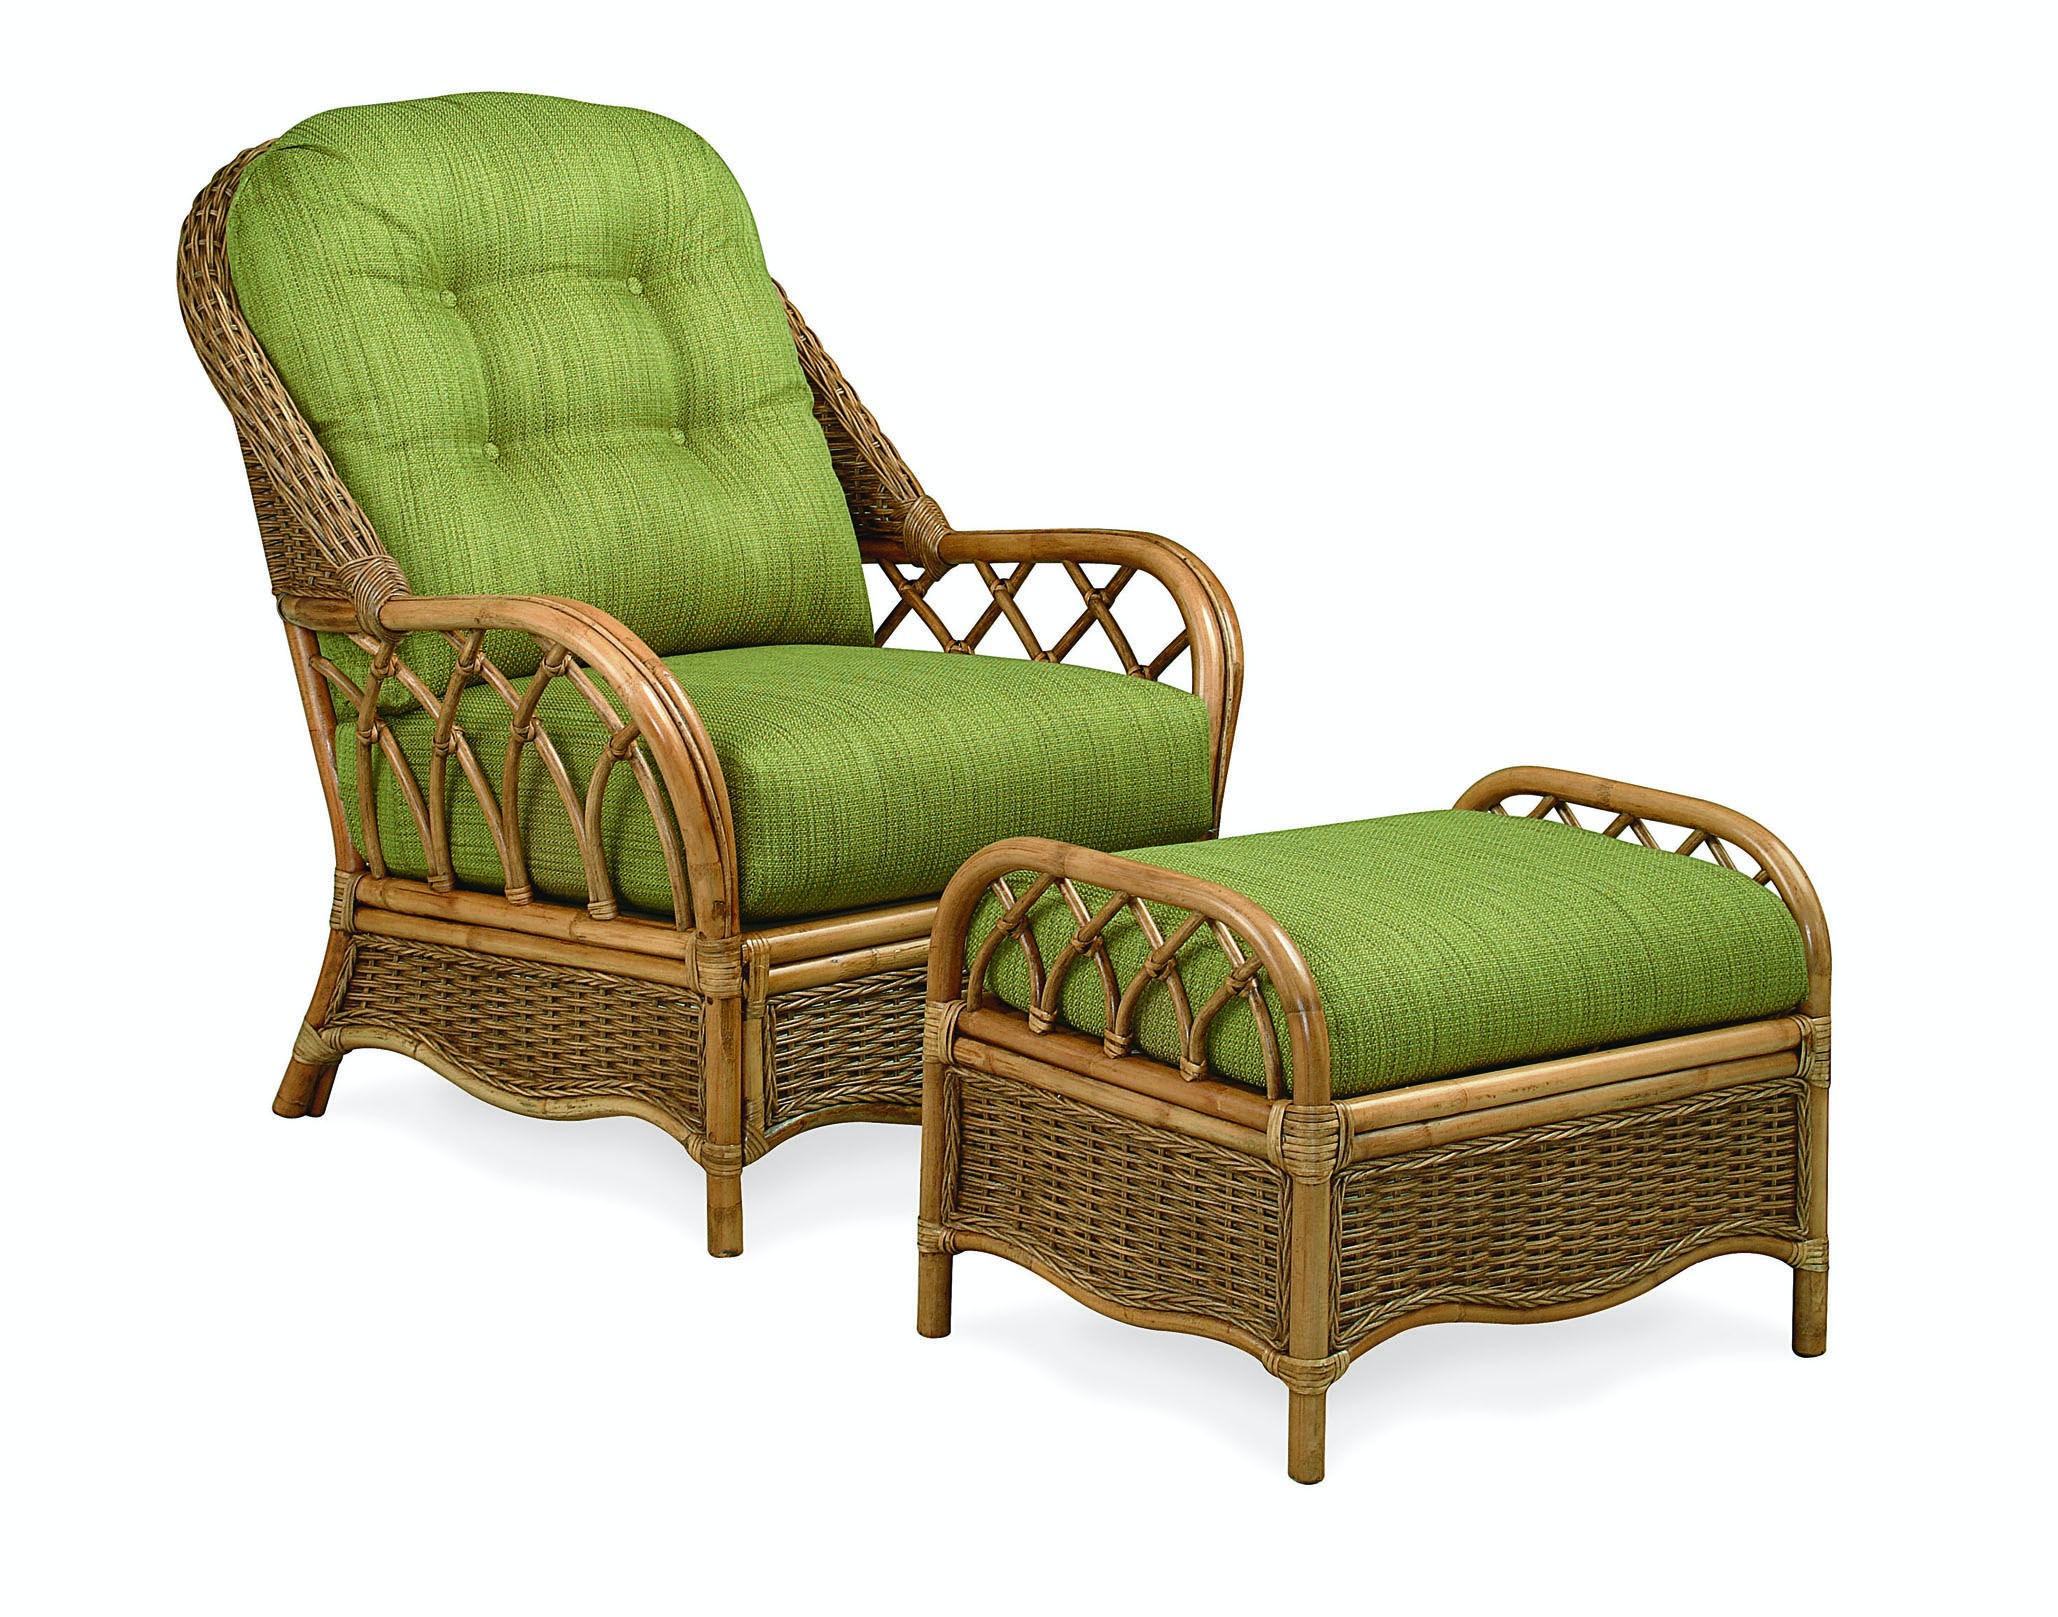 205 001. Chair